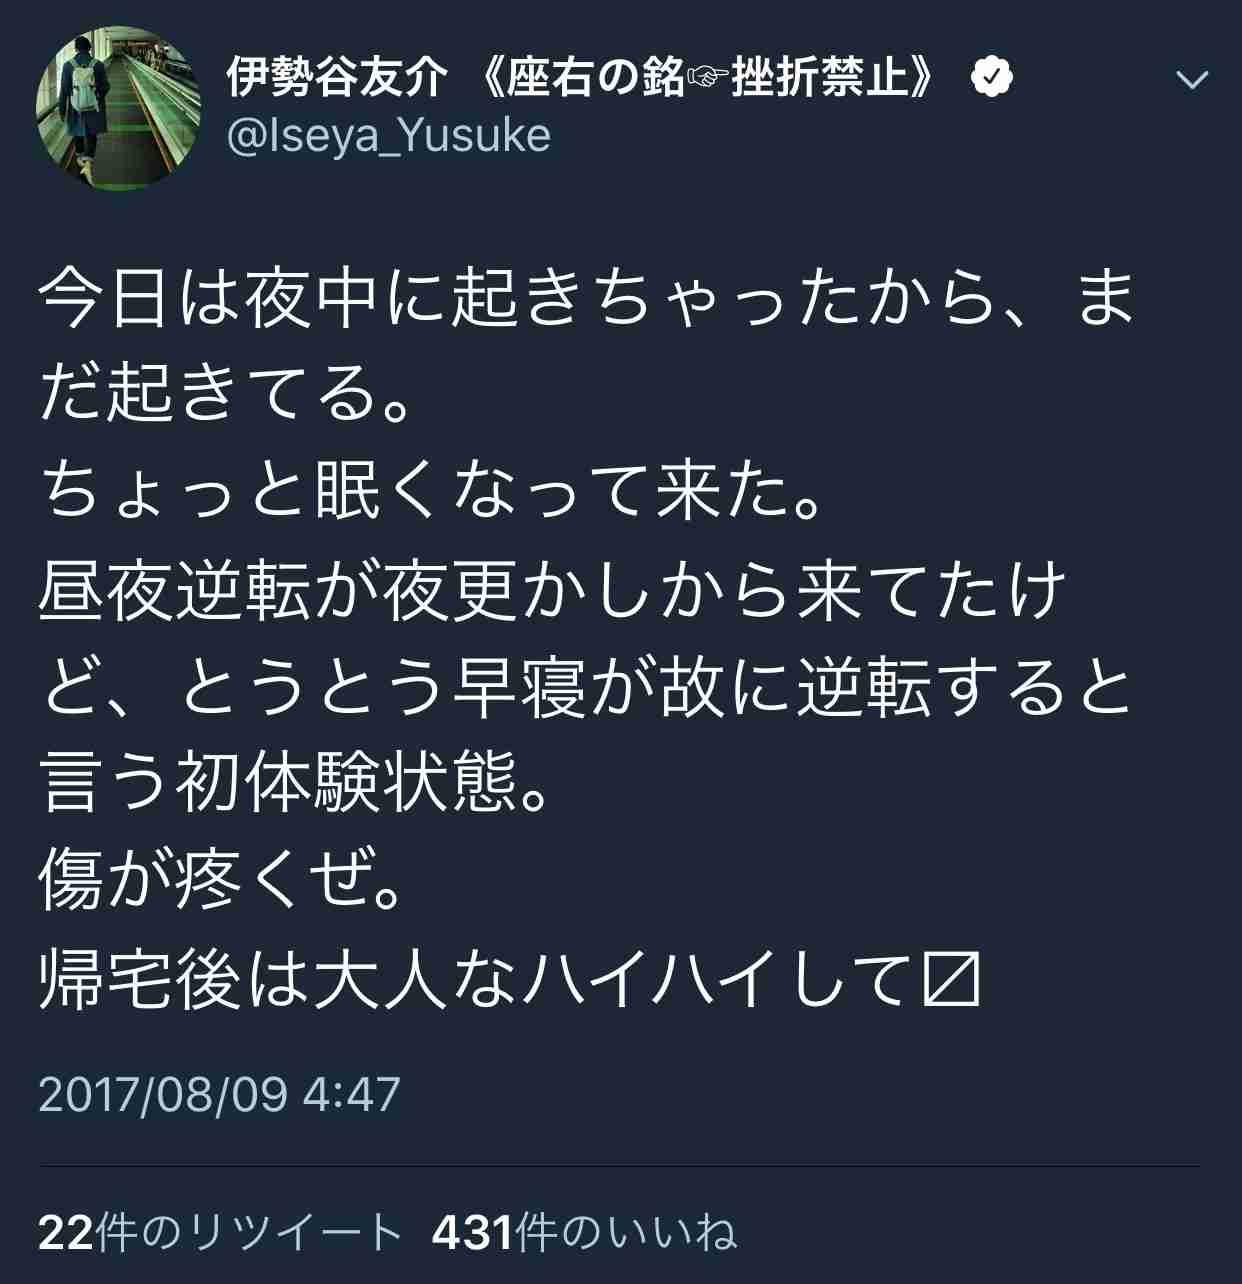 伊勢谷友介、坂上忍から「おれより面倒くさい」峯岸みなみからは「パワハラ!」